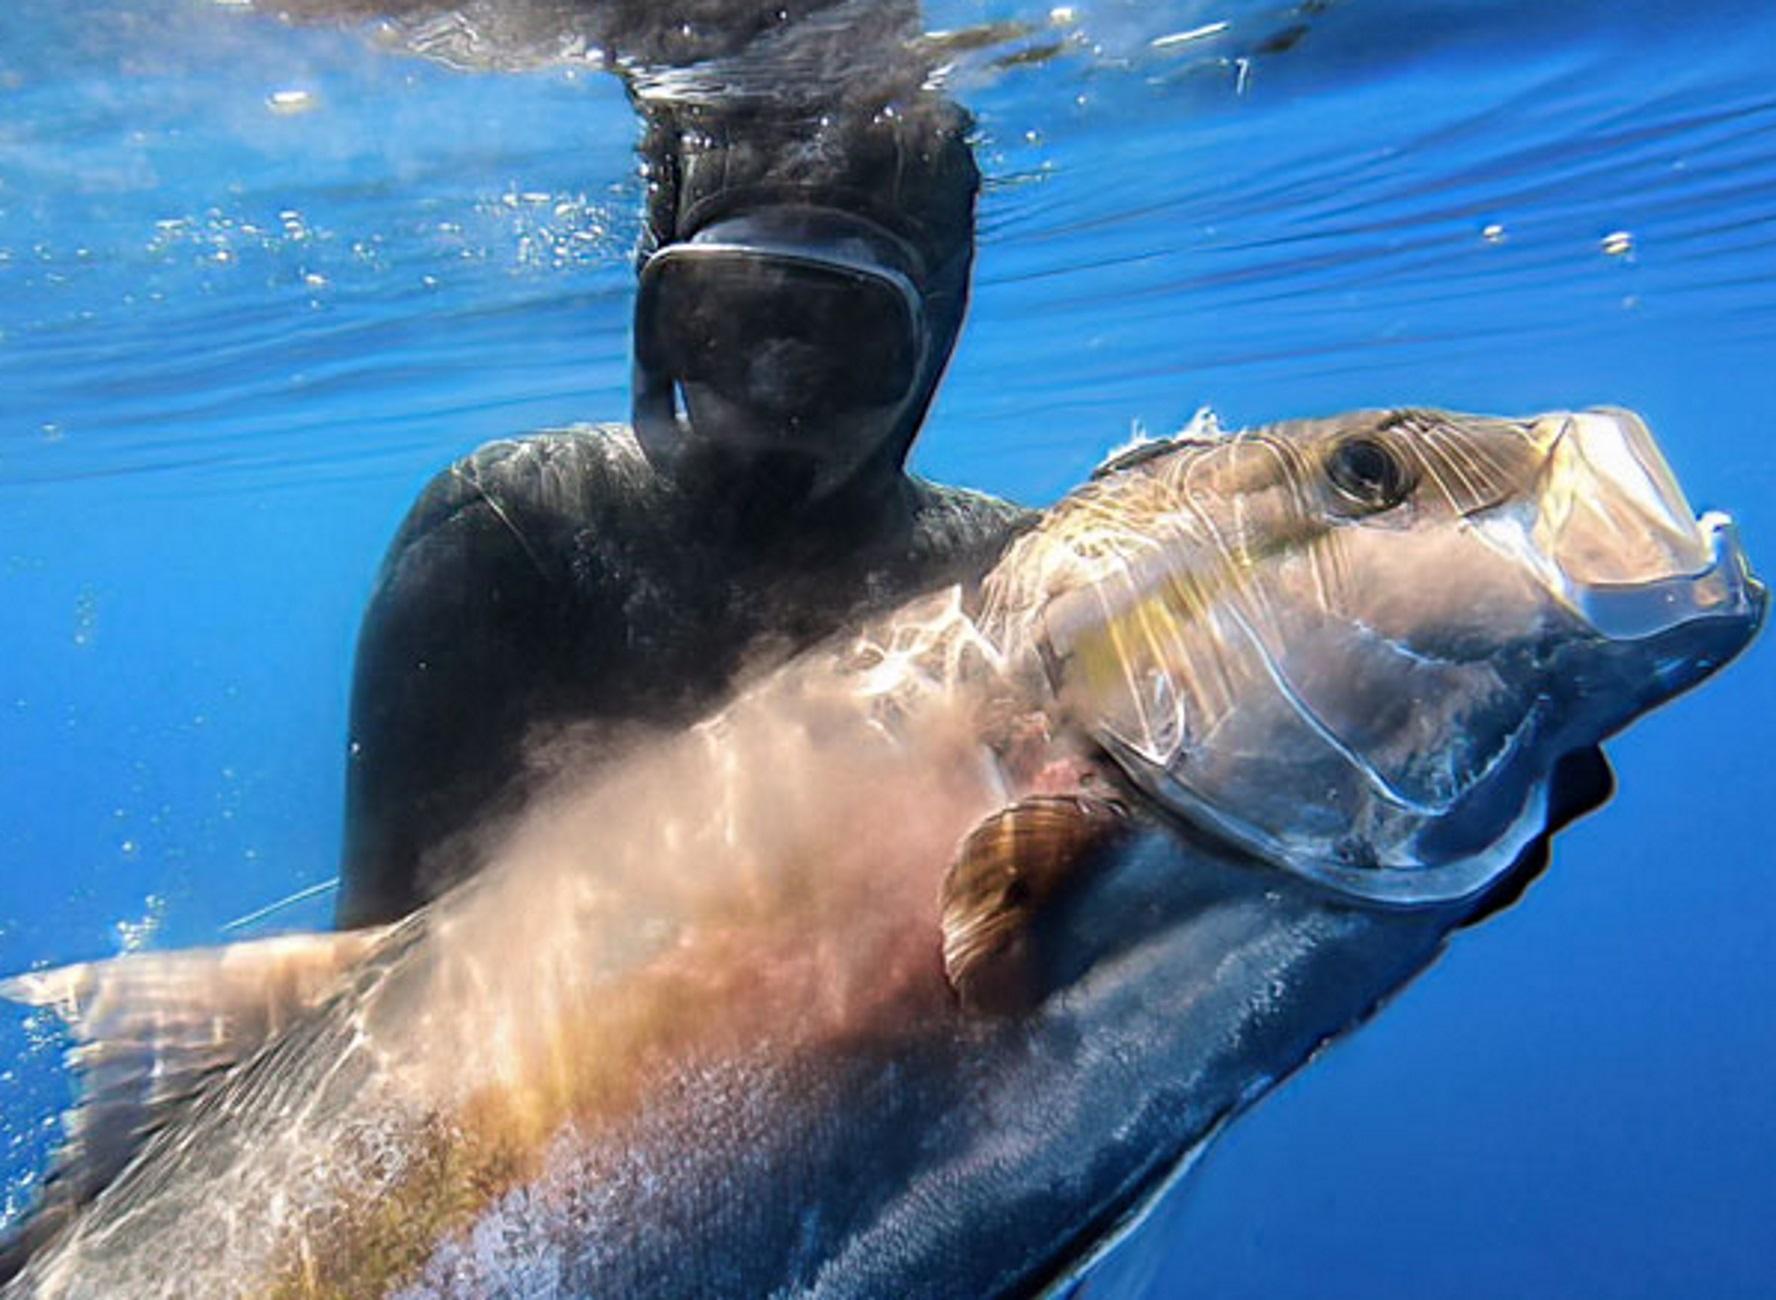 Αιγαίο: Η βολή και η ψαριά της ζωής τους – Το τεράστιο μαγιάτικο και η διπλή προσπάθεια